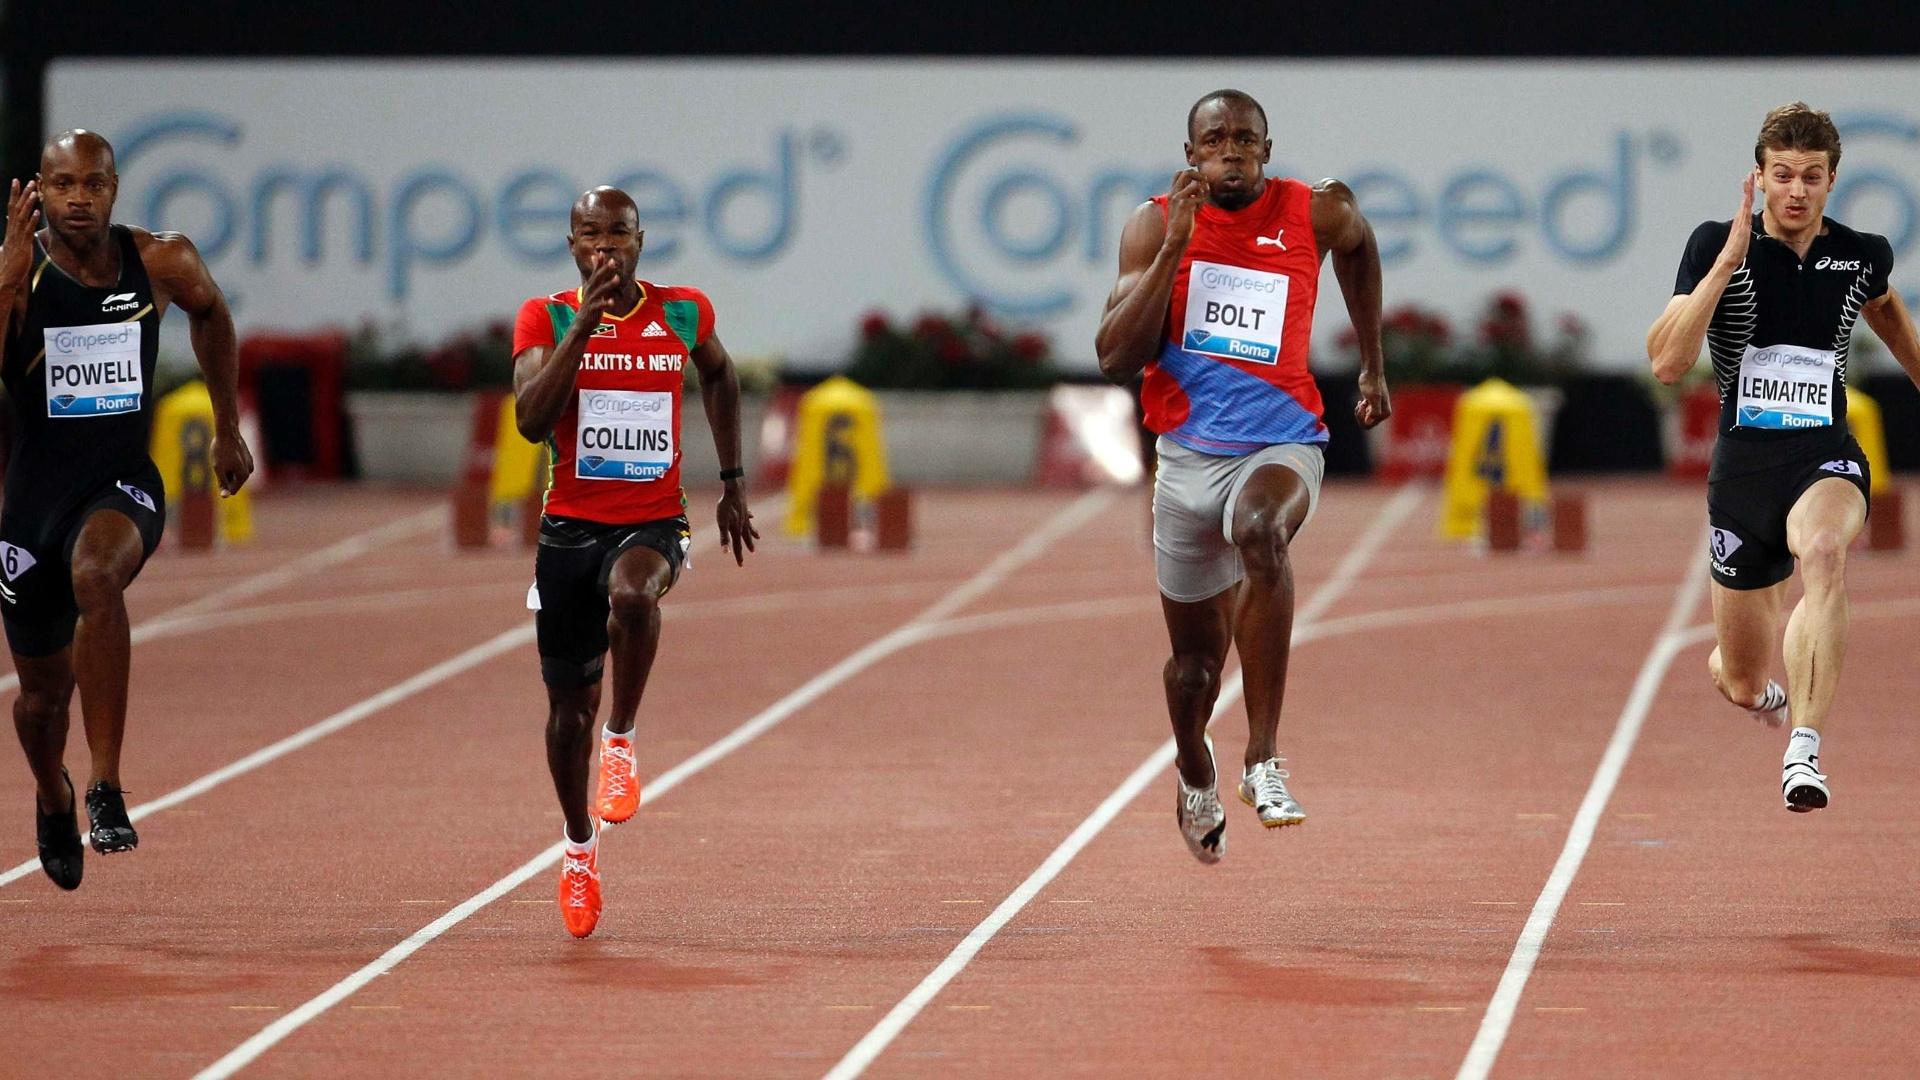 Para vencer os 100 m, Bolt deixou para trás o também jamaicano Asafa Powell (e) e o francês Christophe Lemaitre (d) (31/05/2012)